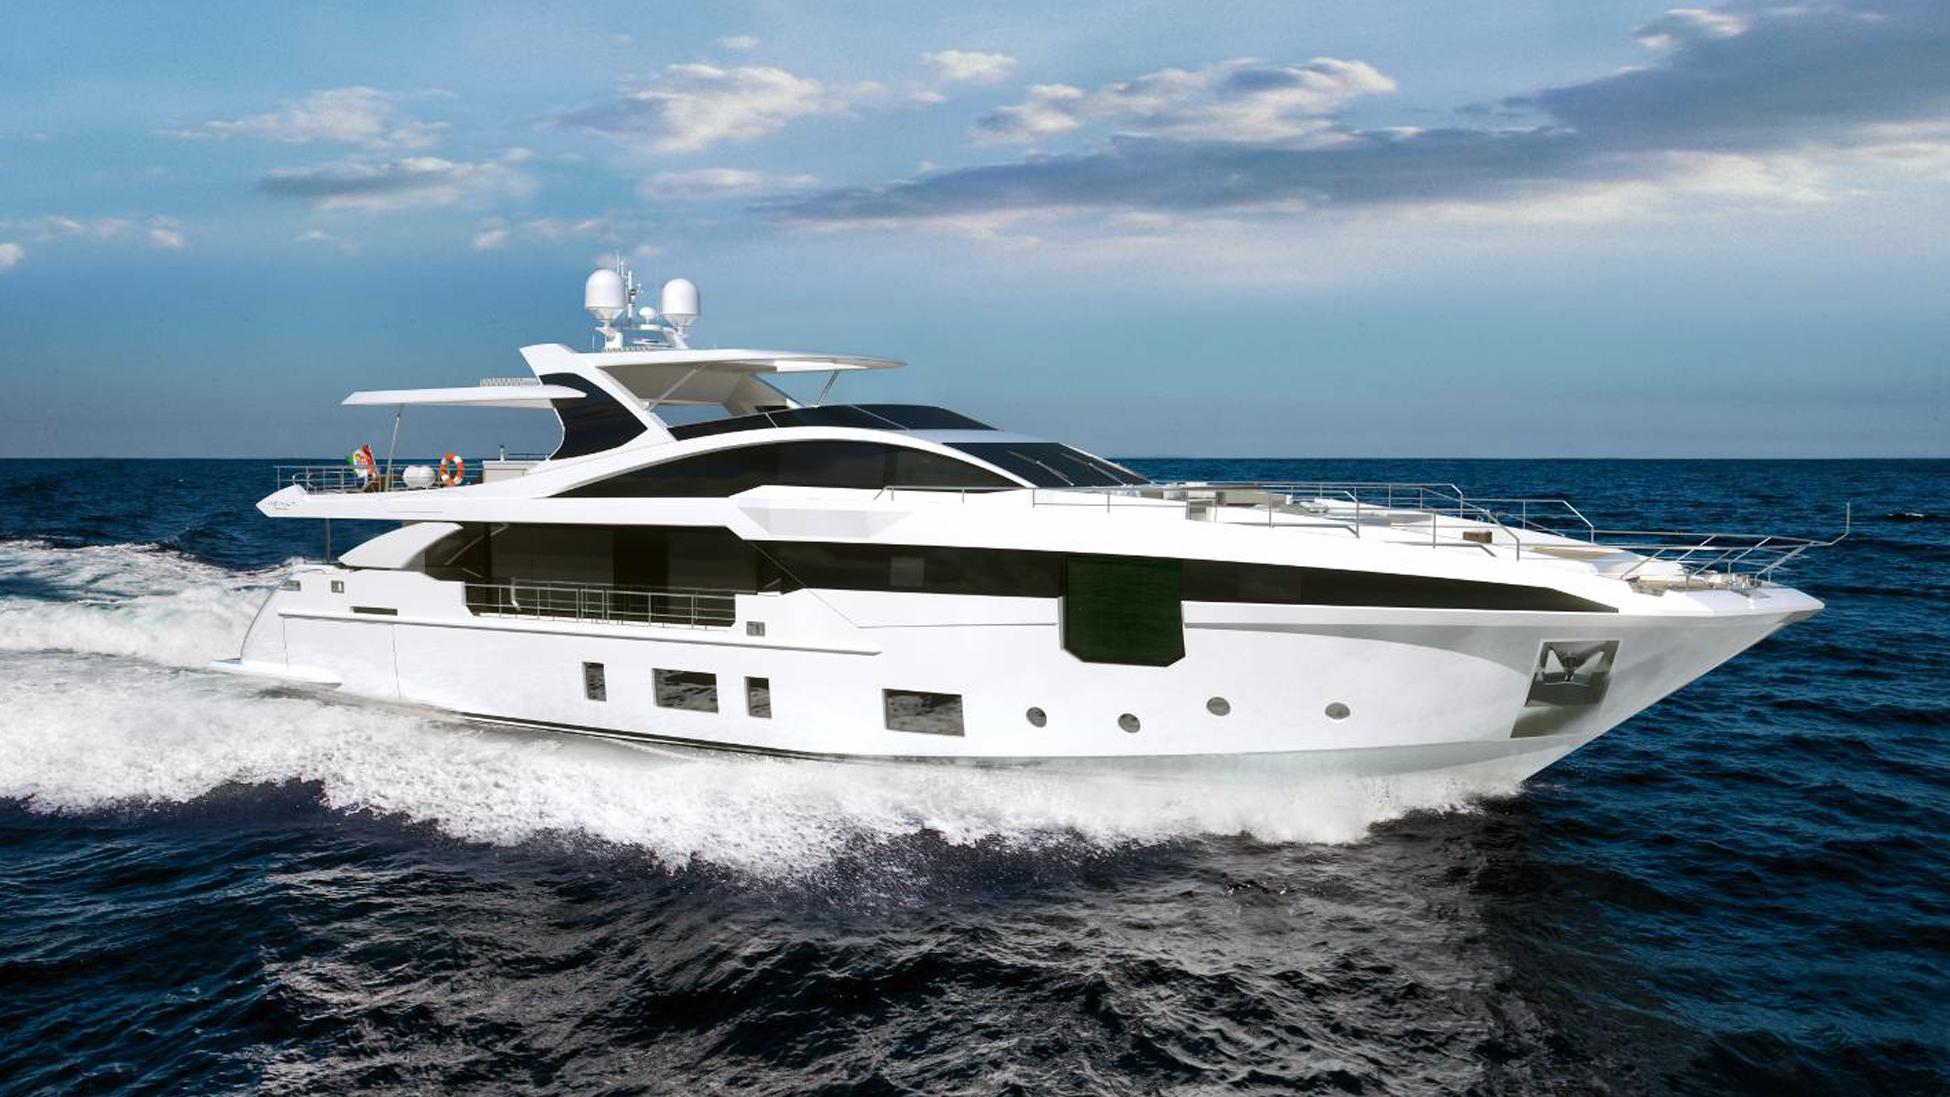 azimut 35m hull 15 motoryacht 2017 35m cruising rendering